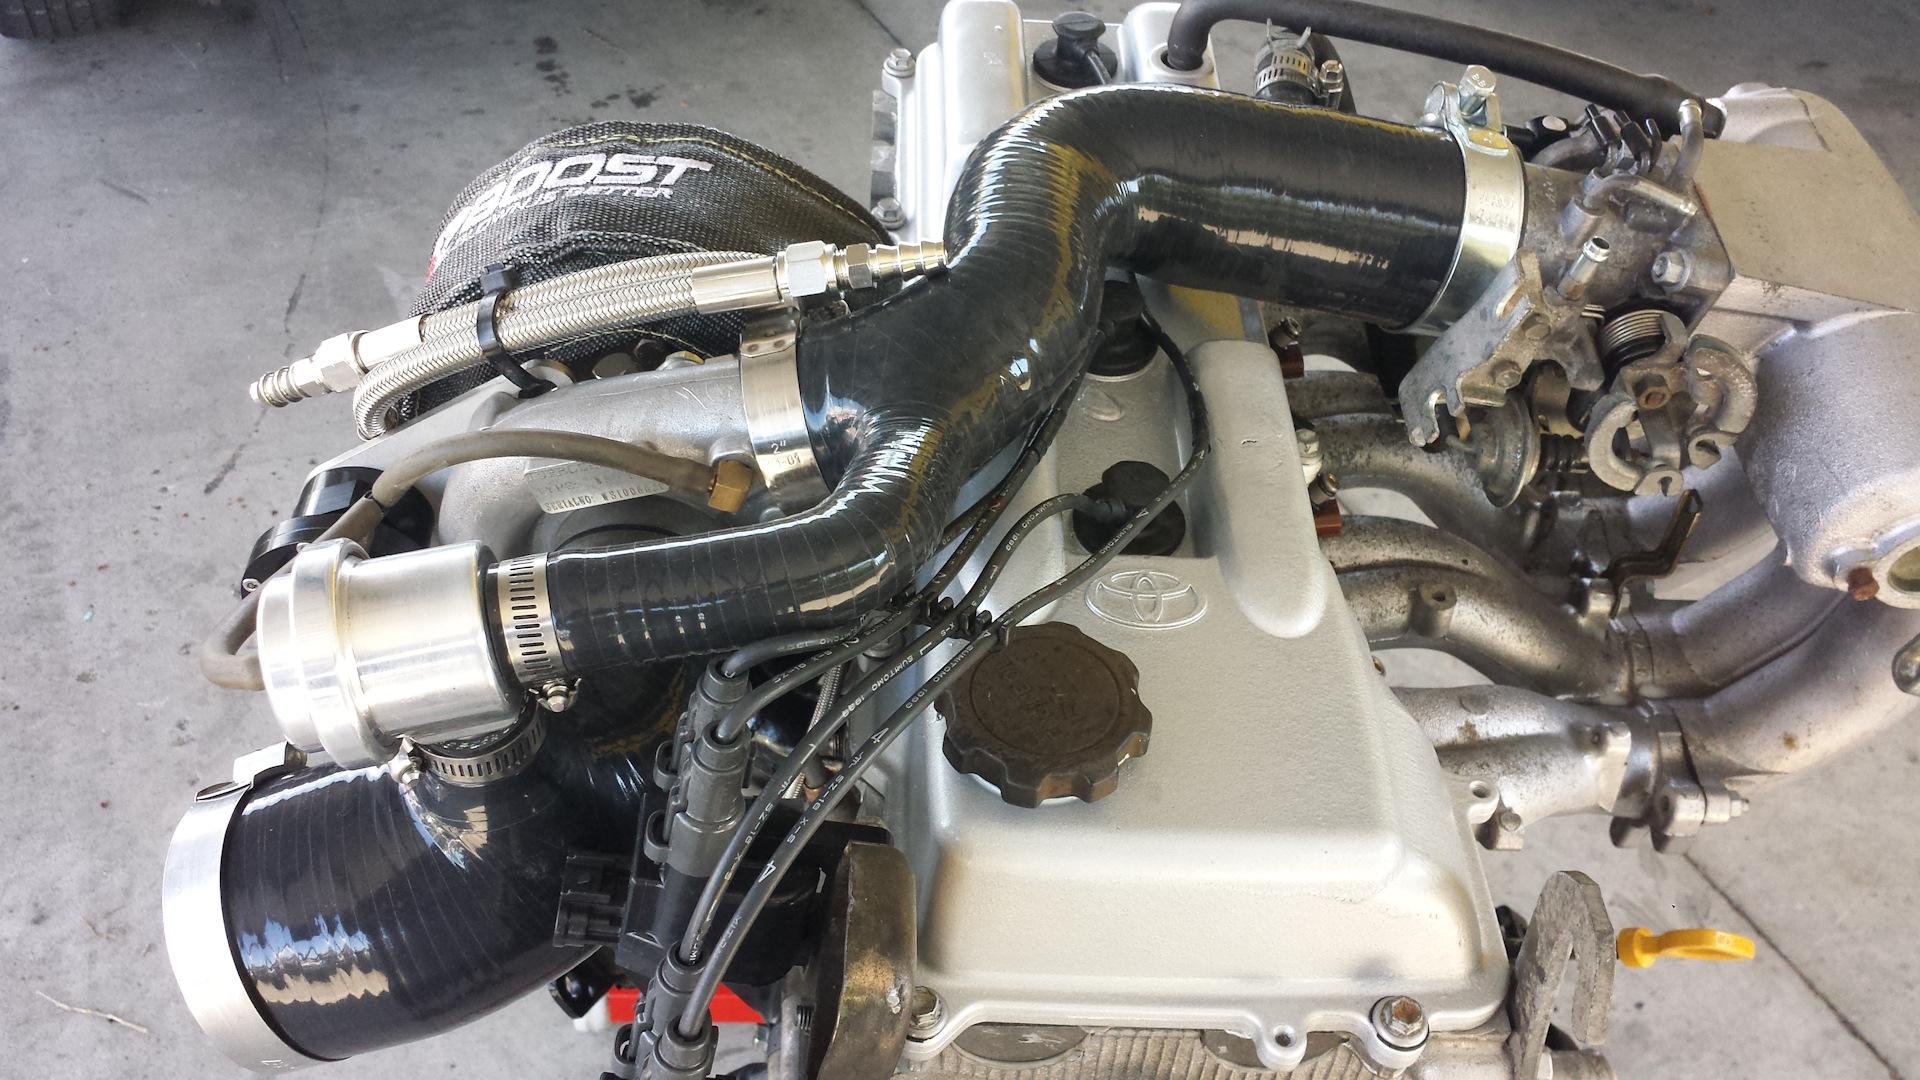 Описание типа двигателя и этапов его разработки и выпуска